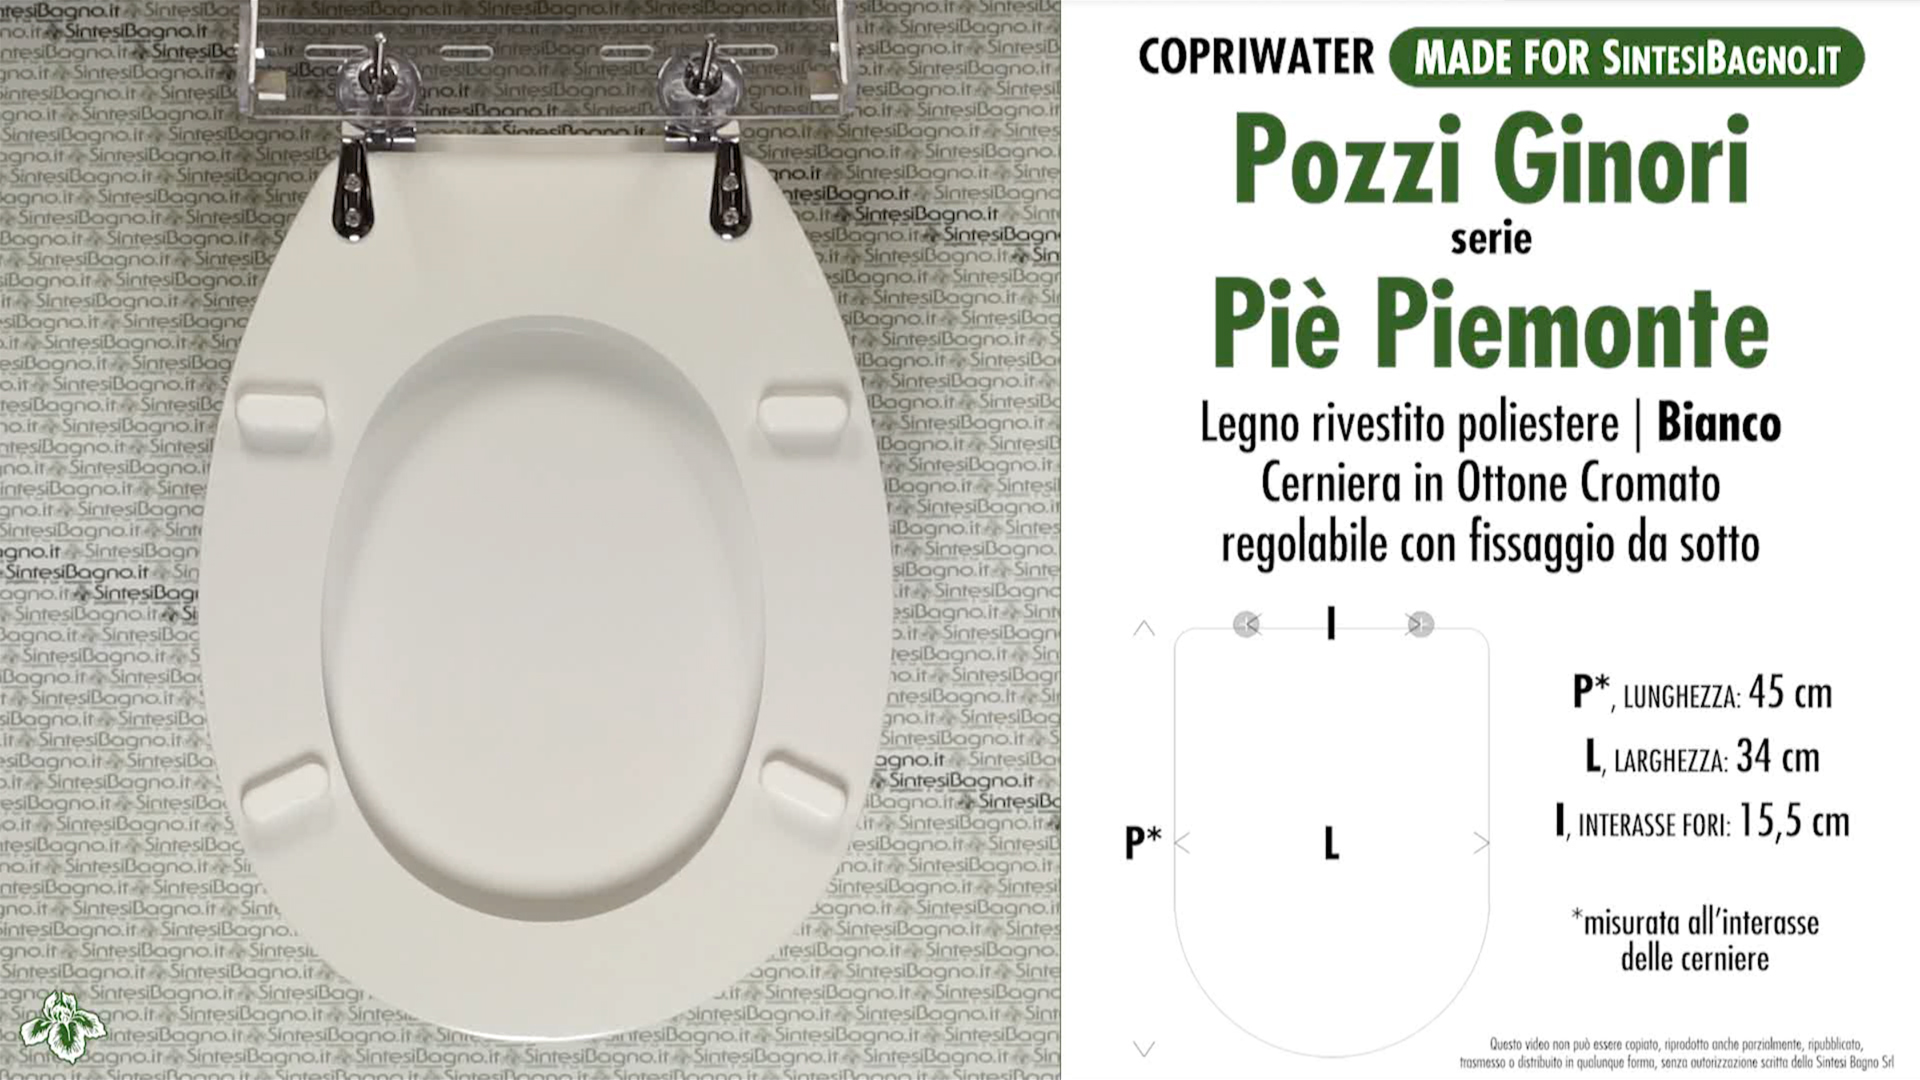 Details about WC Seat SintesiBagno MADE for Pozzi Ginori WC PIE\' PIEMONTE.  DILPIEPIEMONTE